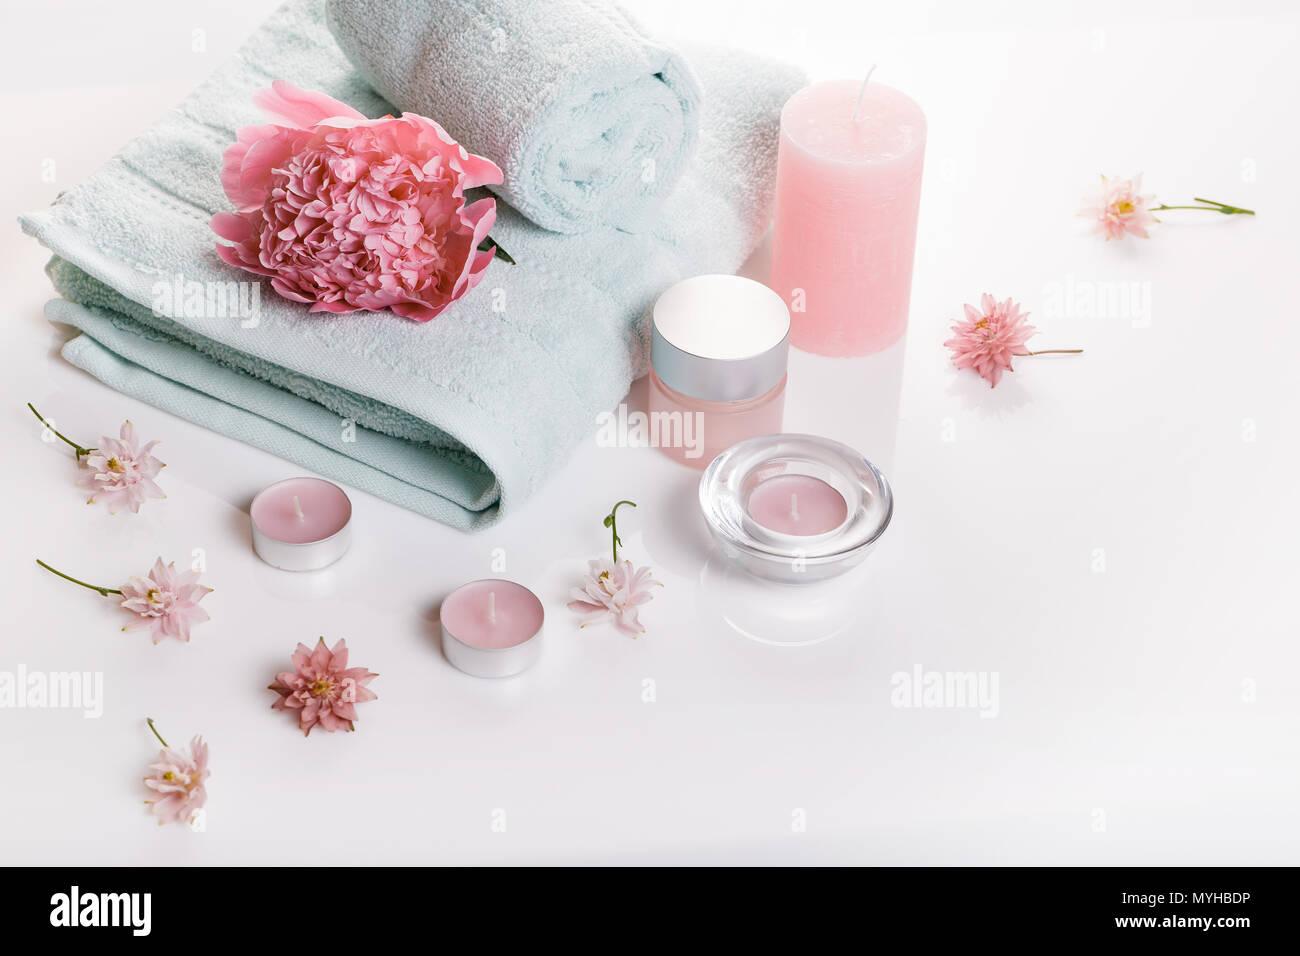 Decoración Wellness Spa, concepto en el día de San Valentín Imagen De Stock